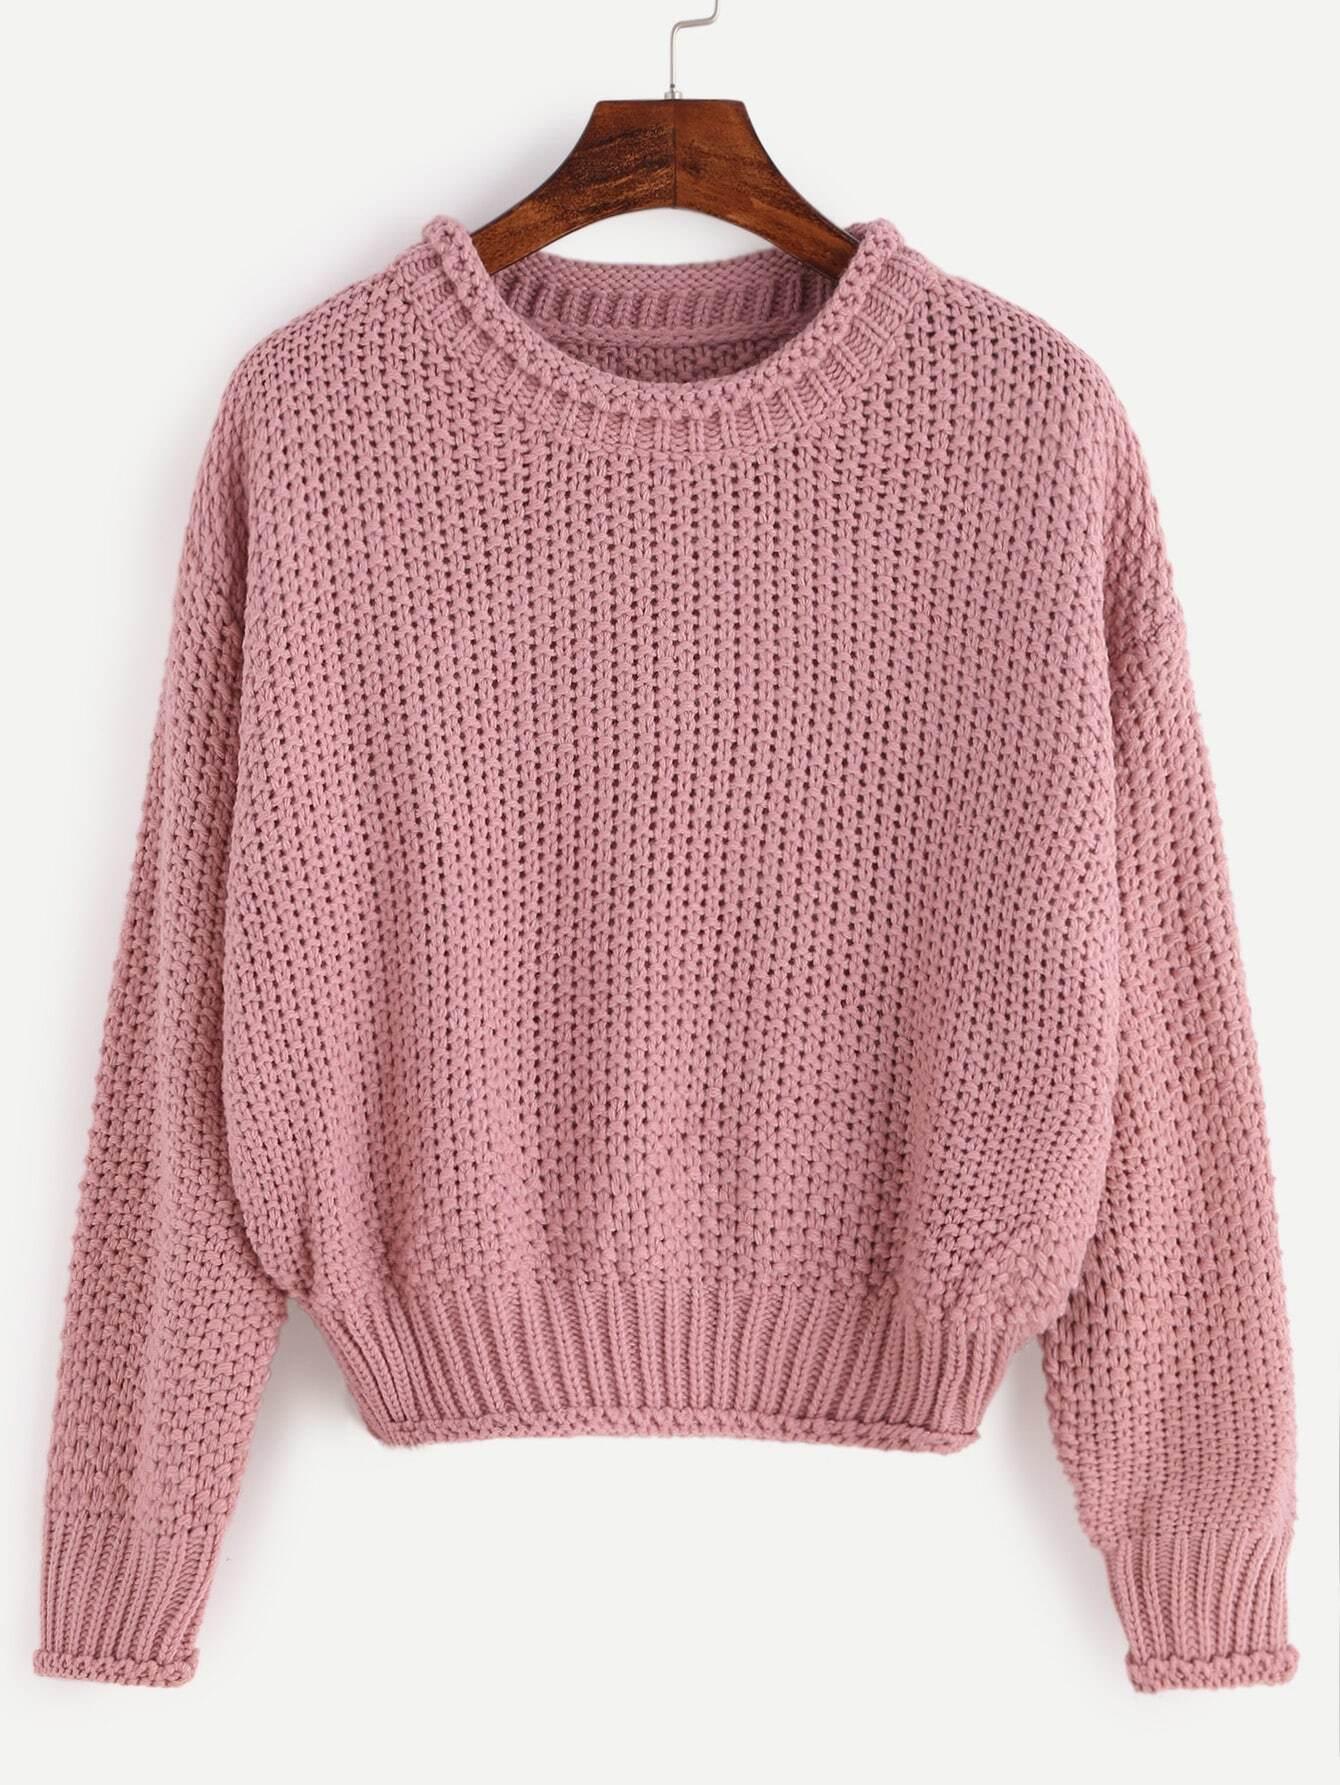 Вязание кроп свитера 54